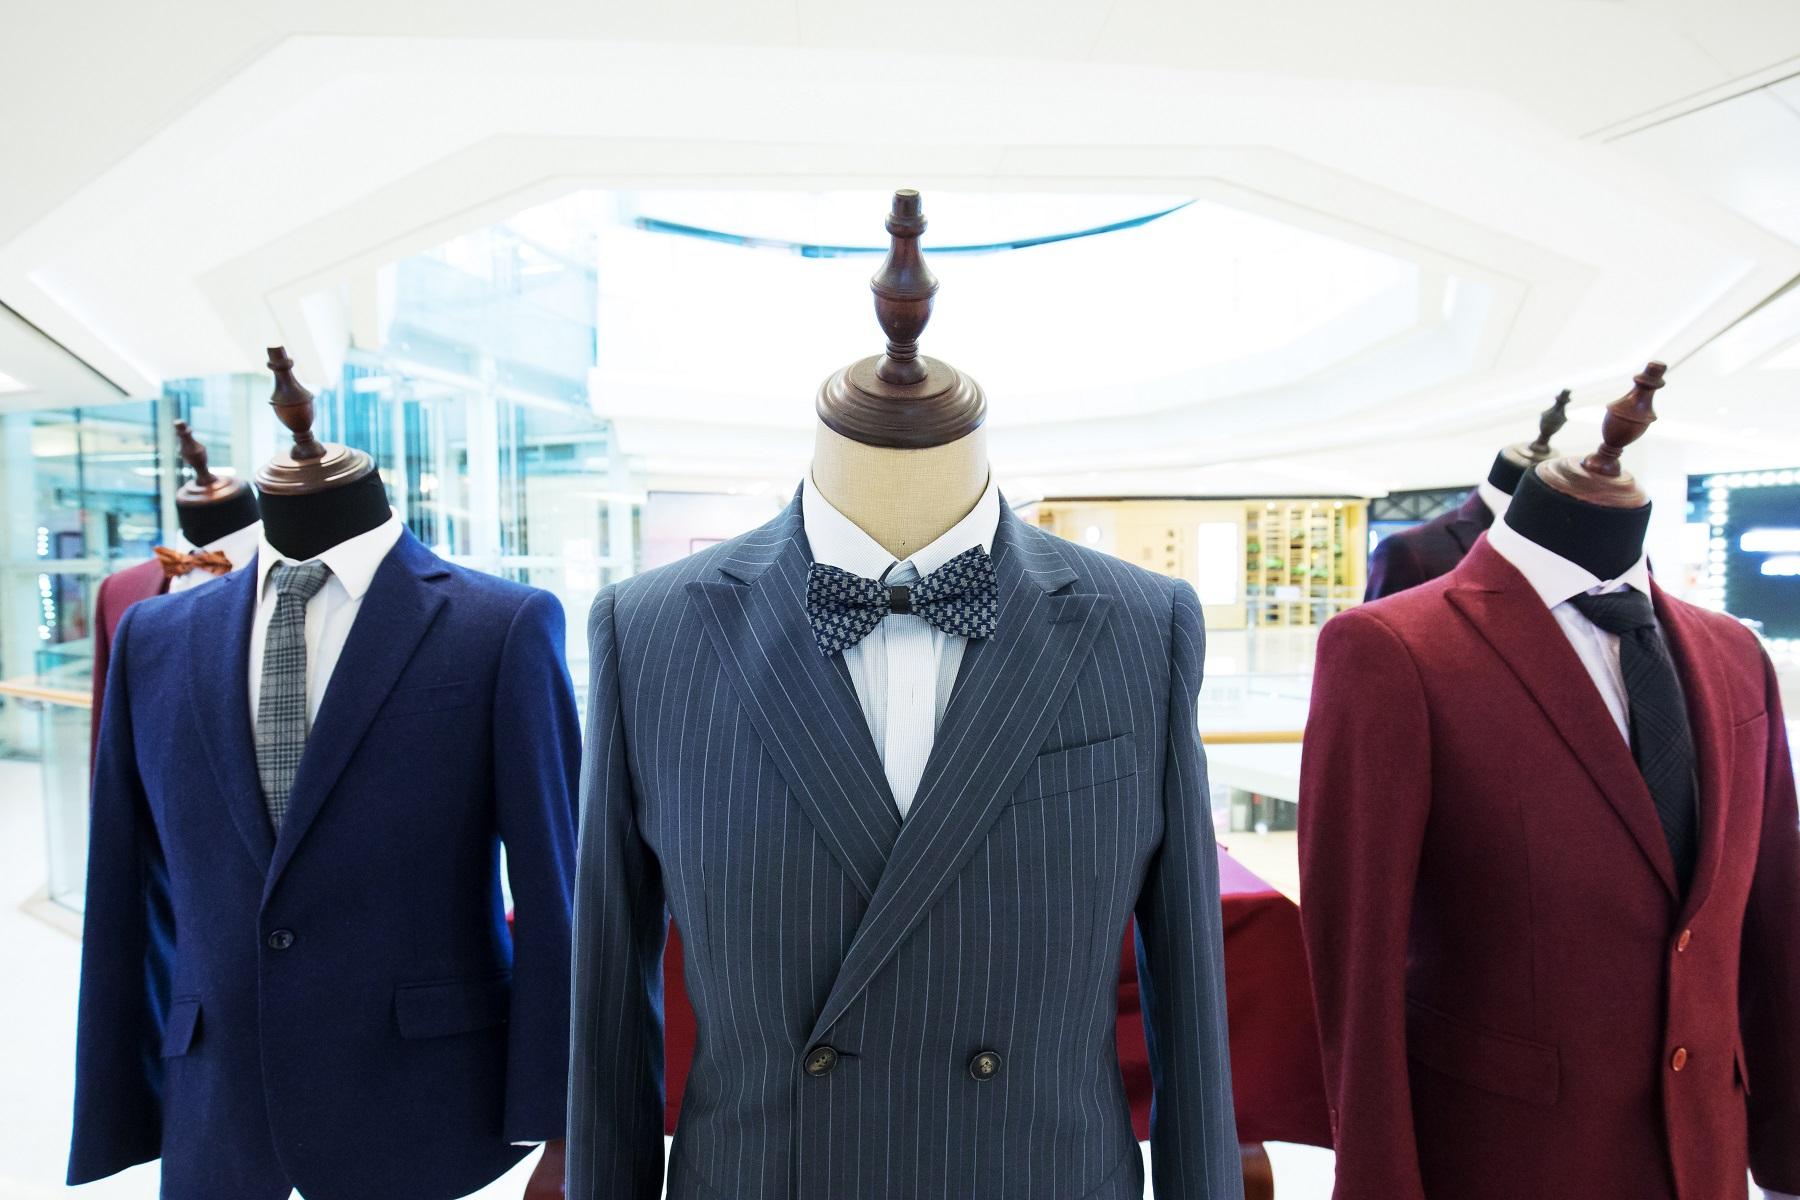 Elegancja z modnym twistem – ubierz się jak Piotr Stramowski!